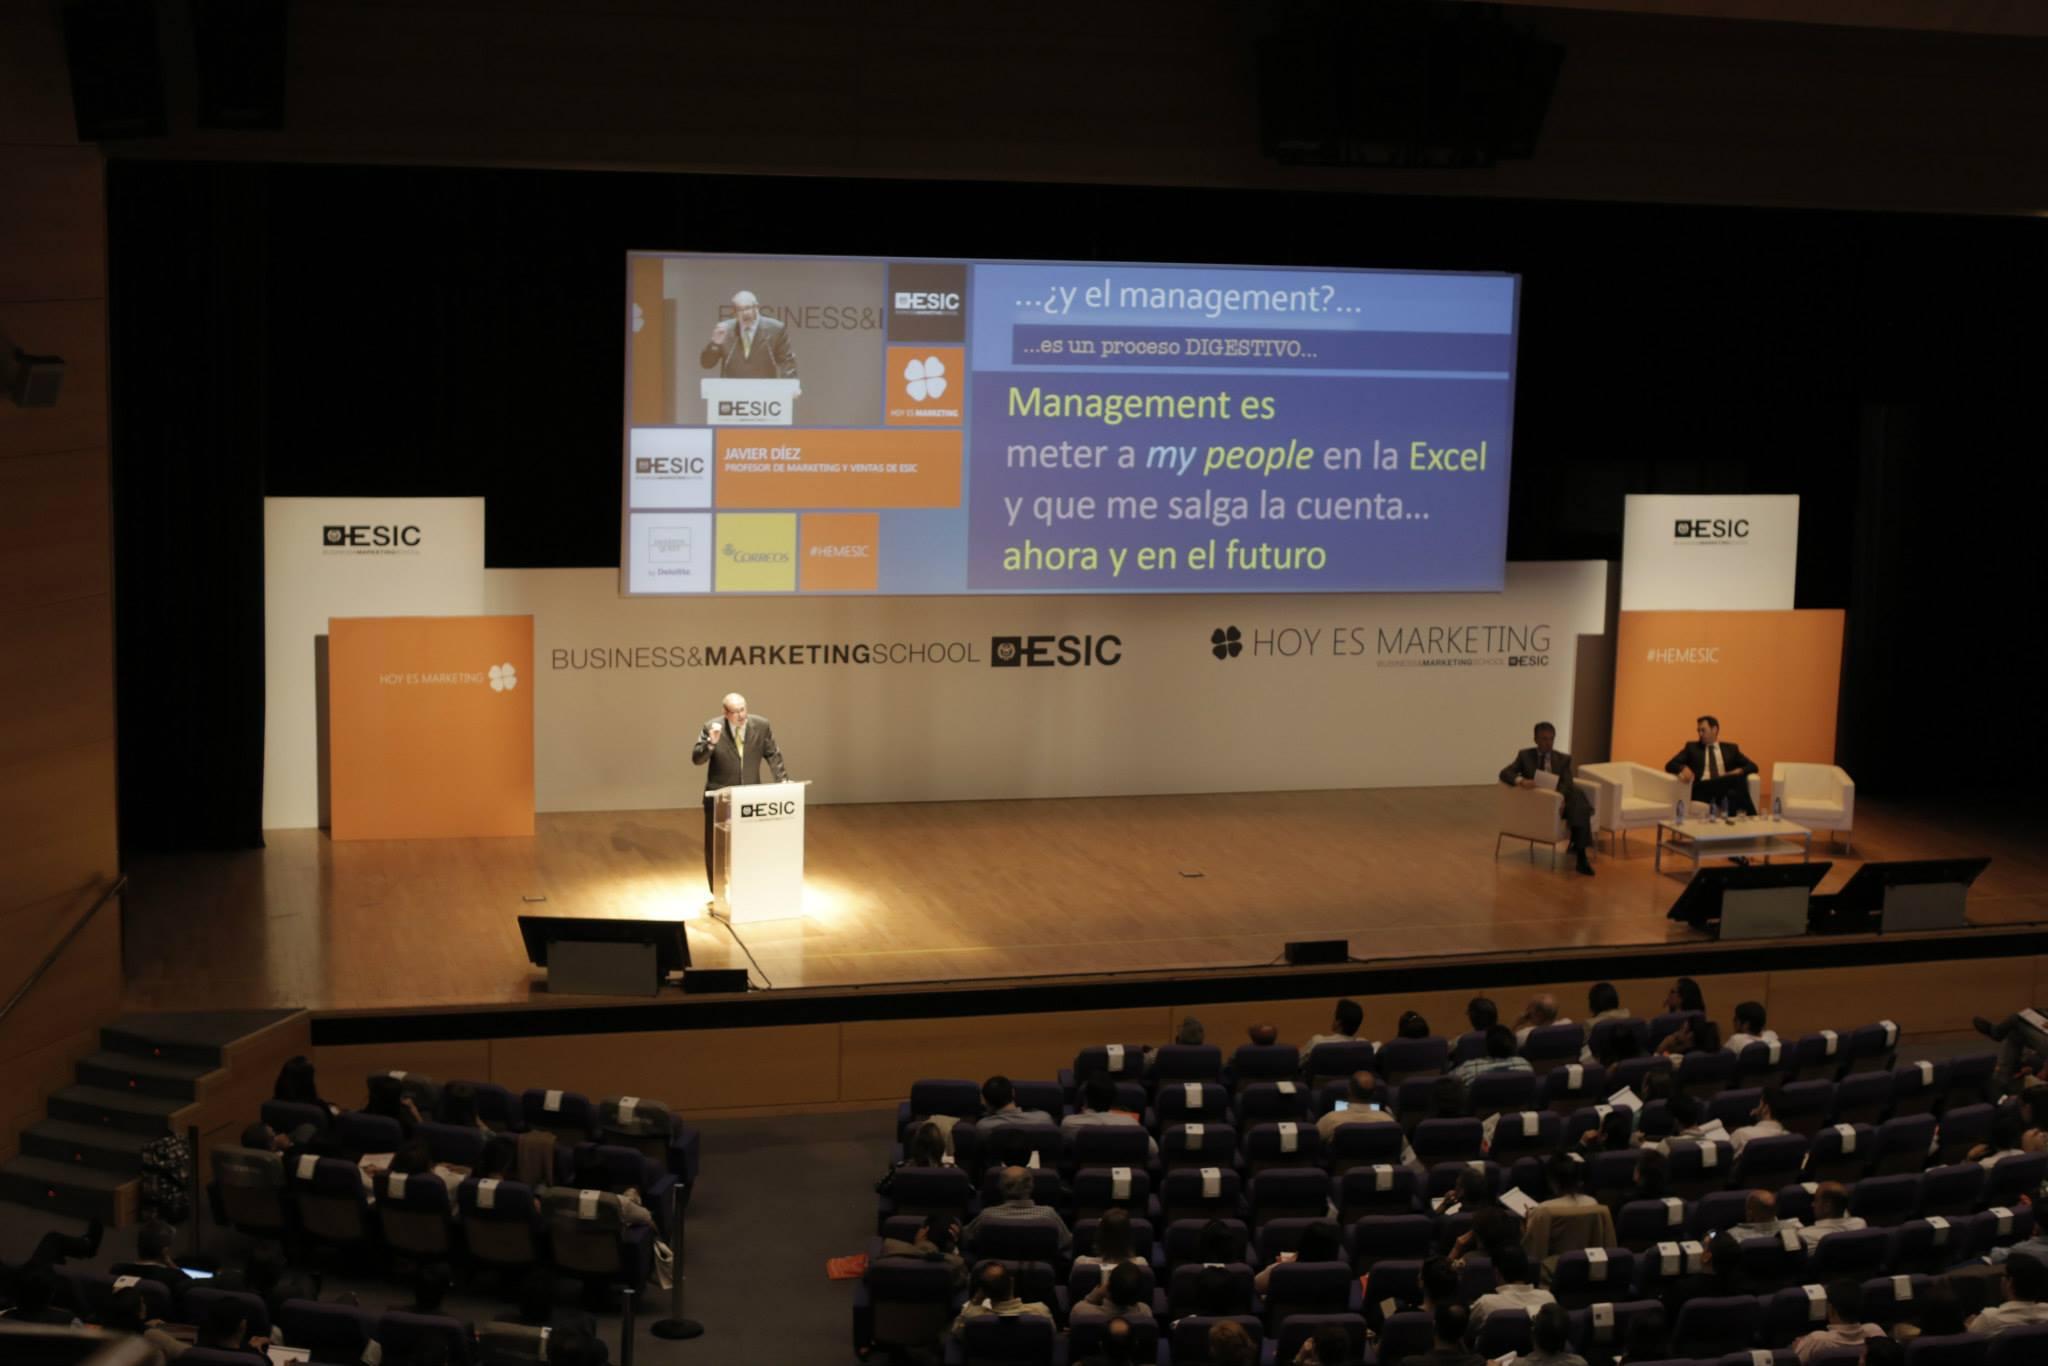 Hoy es Marketing cierra con éxito el encuentro en Valencia